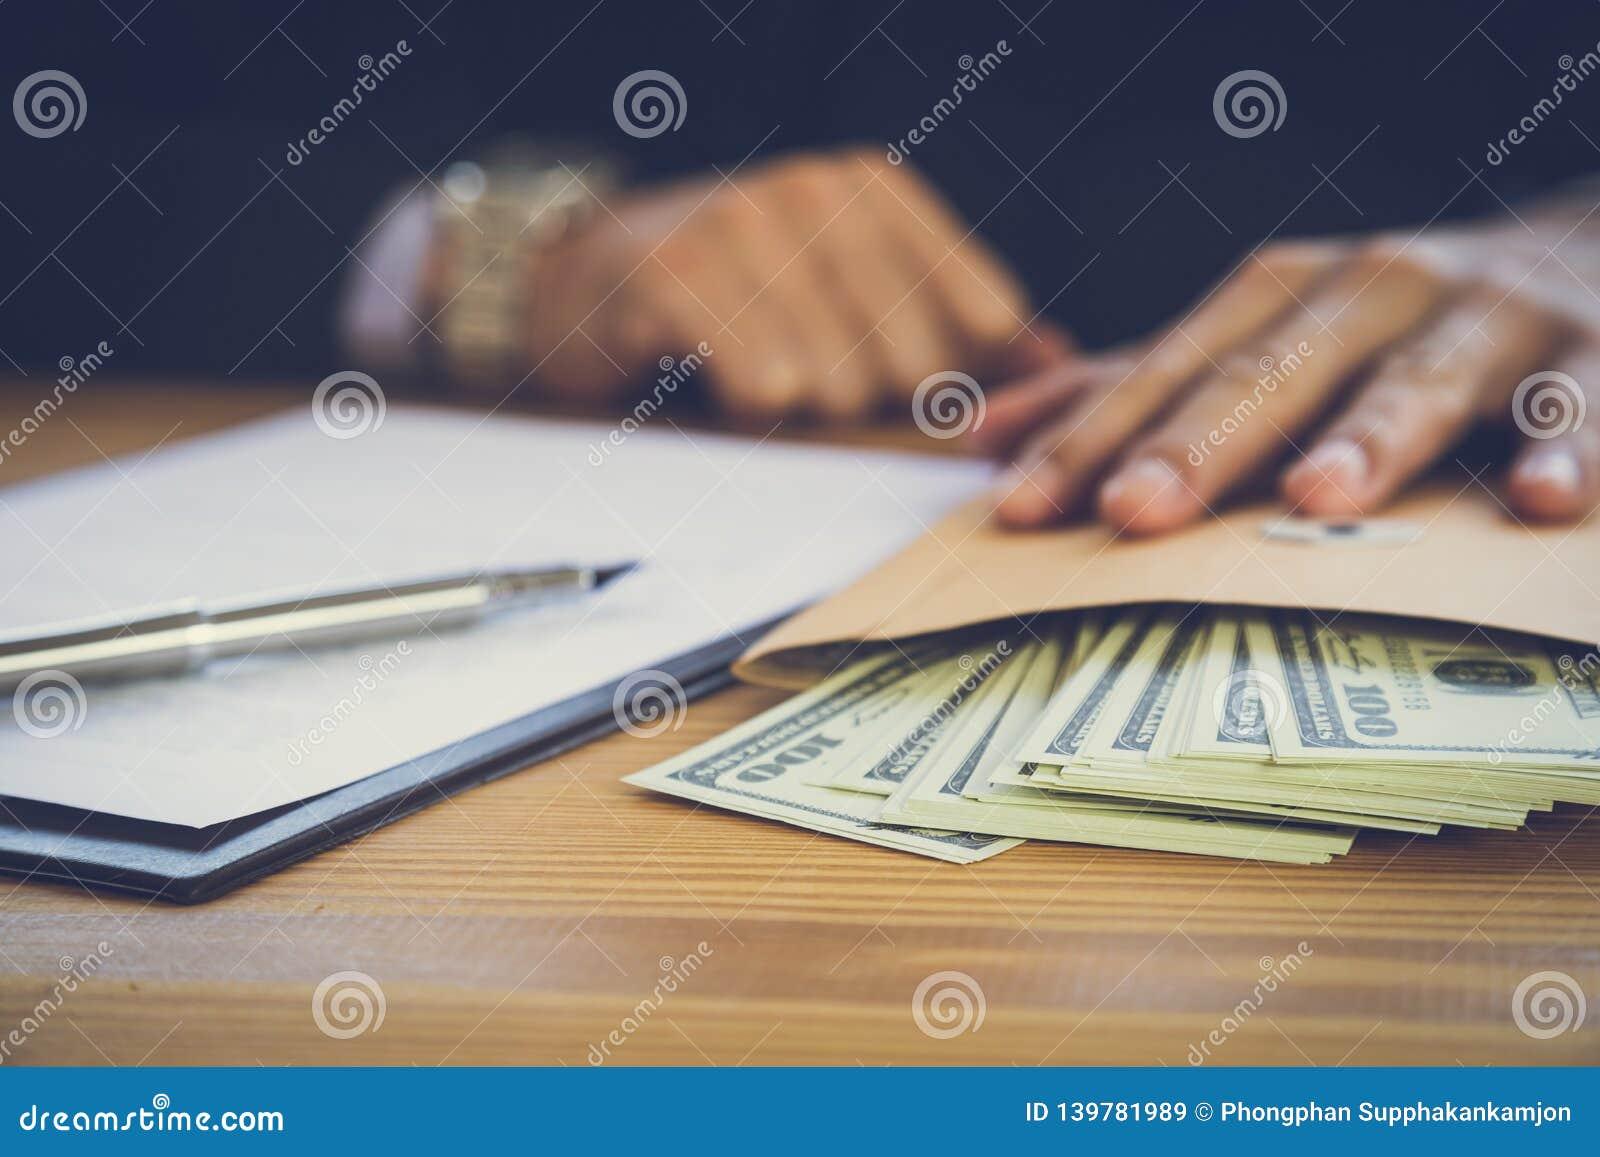 Geschäftsmann, der einen Vertrag unterzeichnet Besitzt das Geschäftszeichen persönlich, Direktor der Firma, Anwalt Immobilienagen